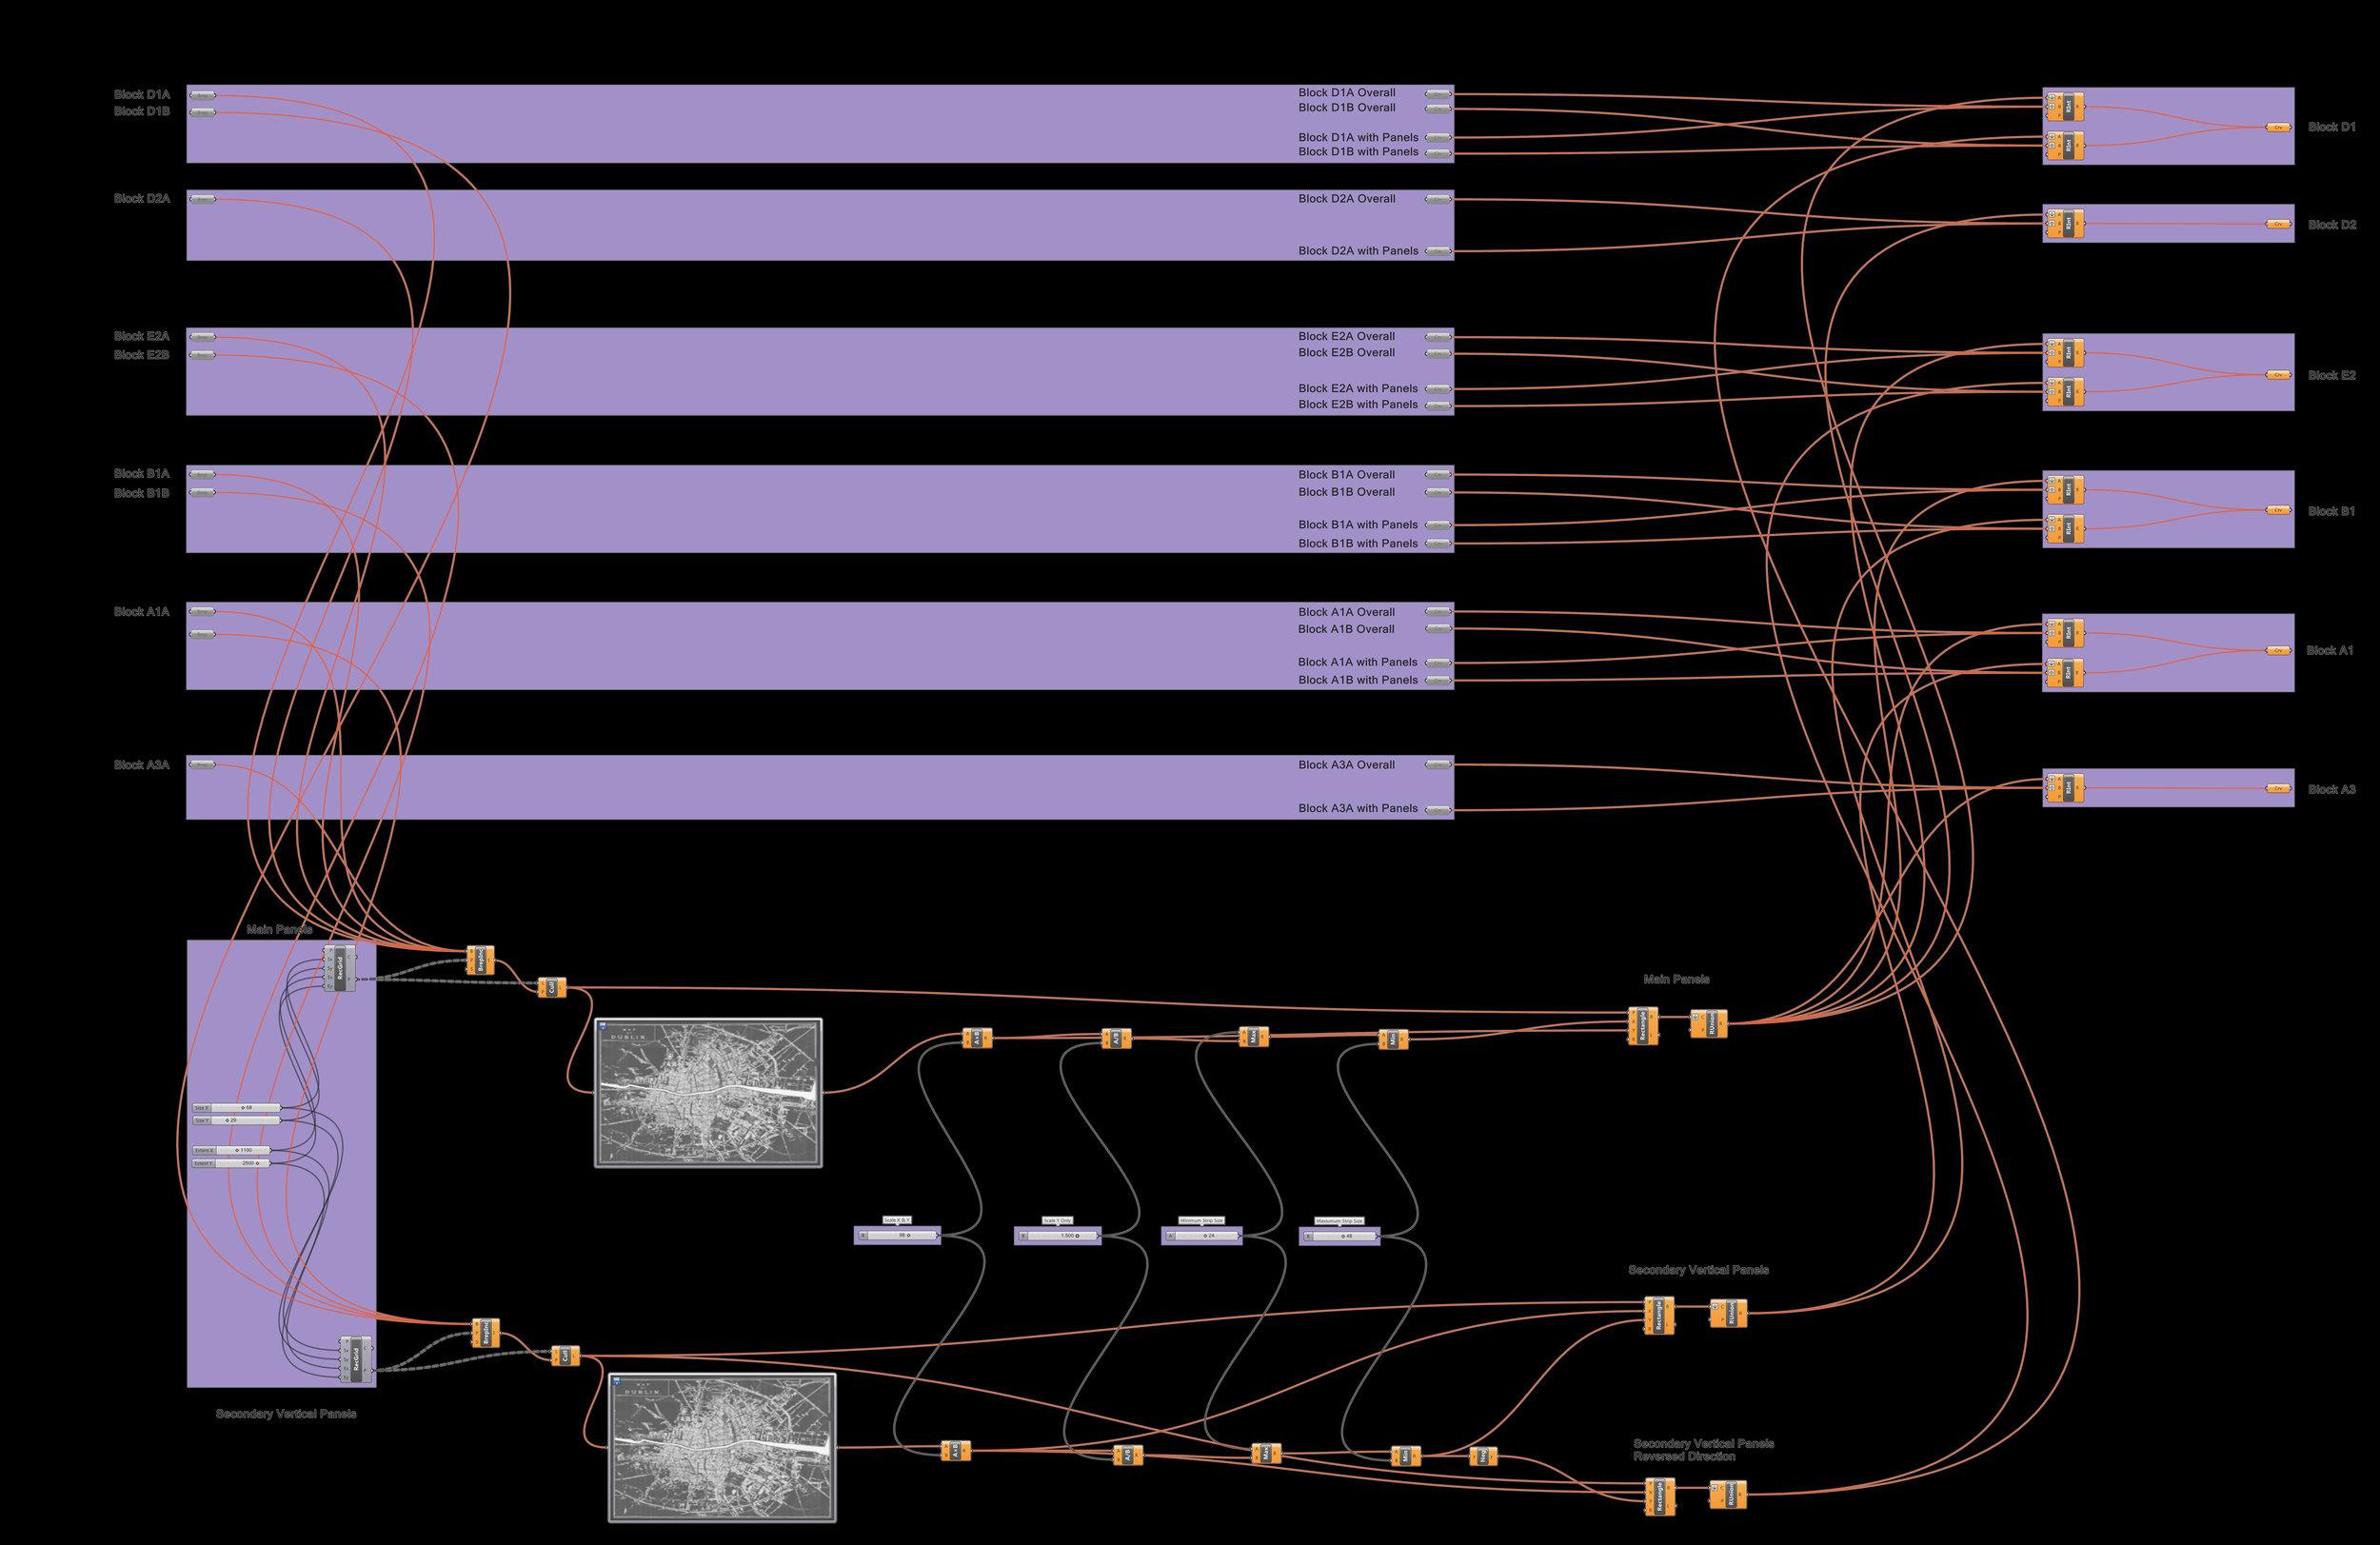 01.image_export.jpg